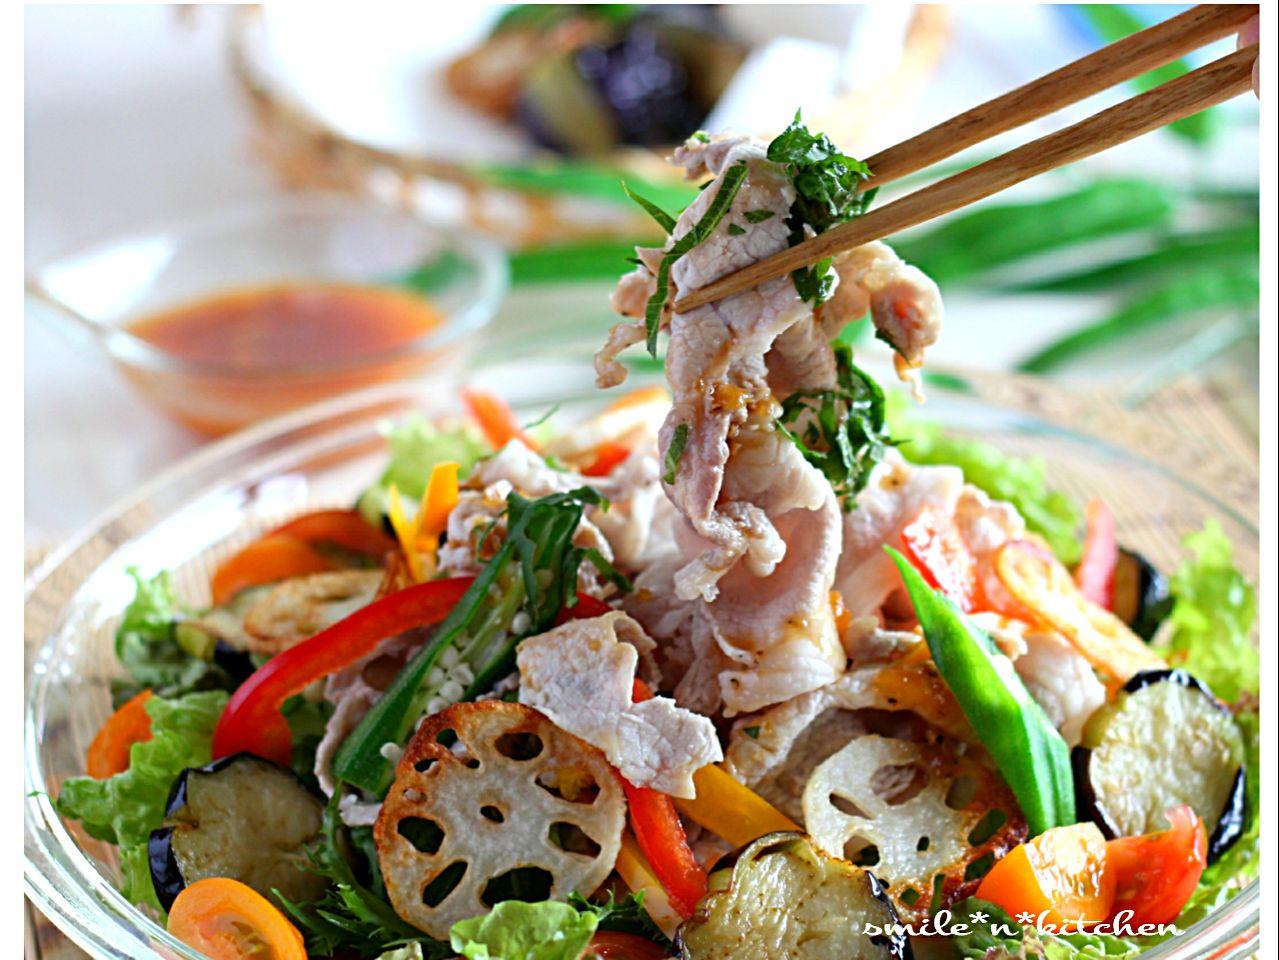 夏野菜と冷しゃぶサラダ SnapDish 料理カメラ